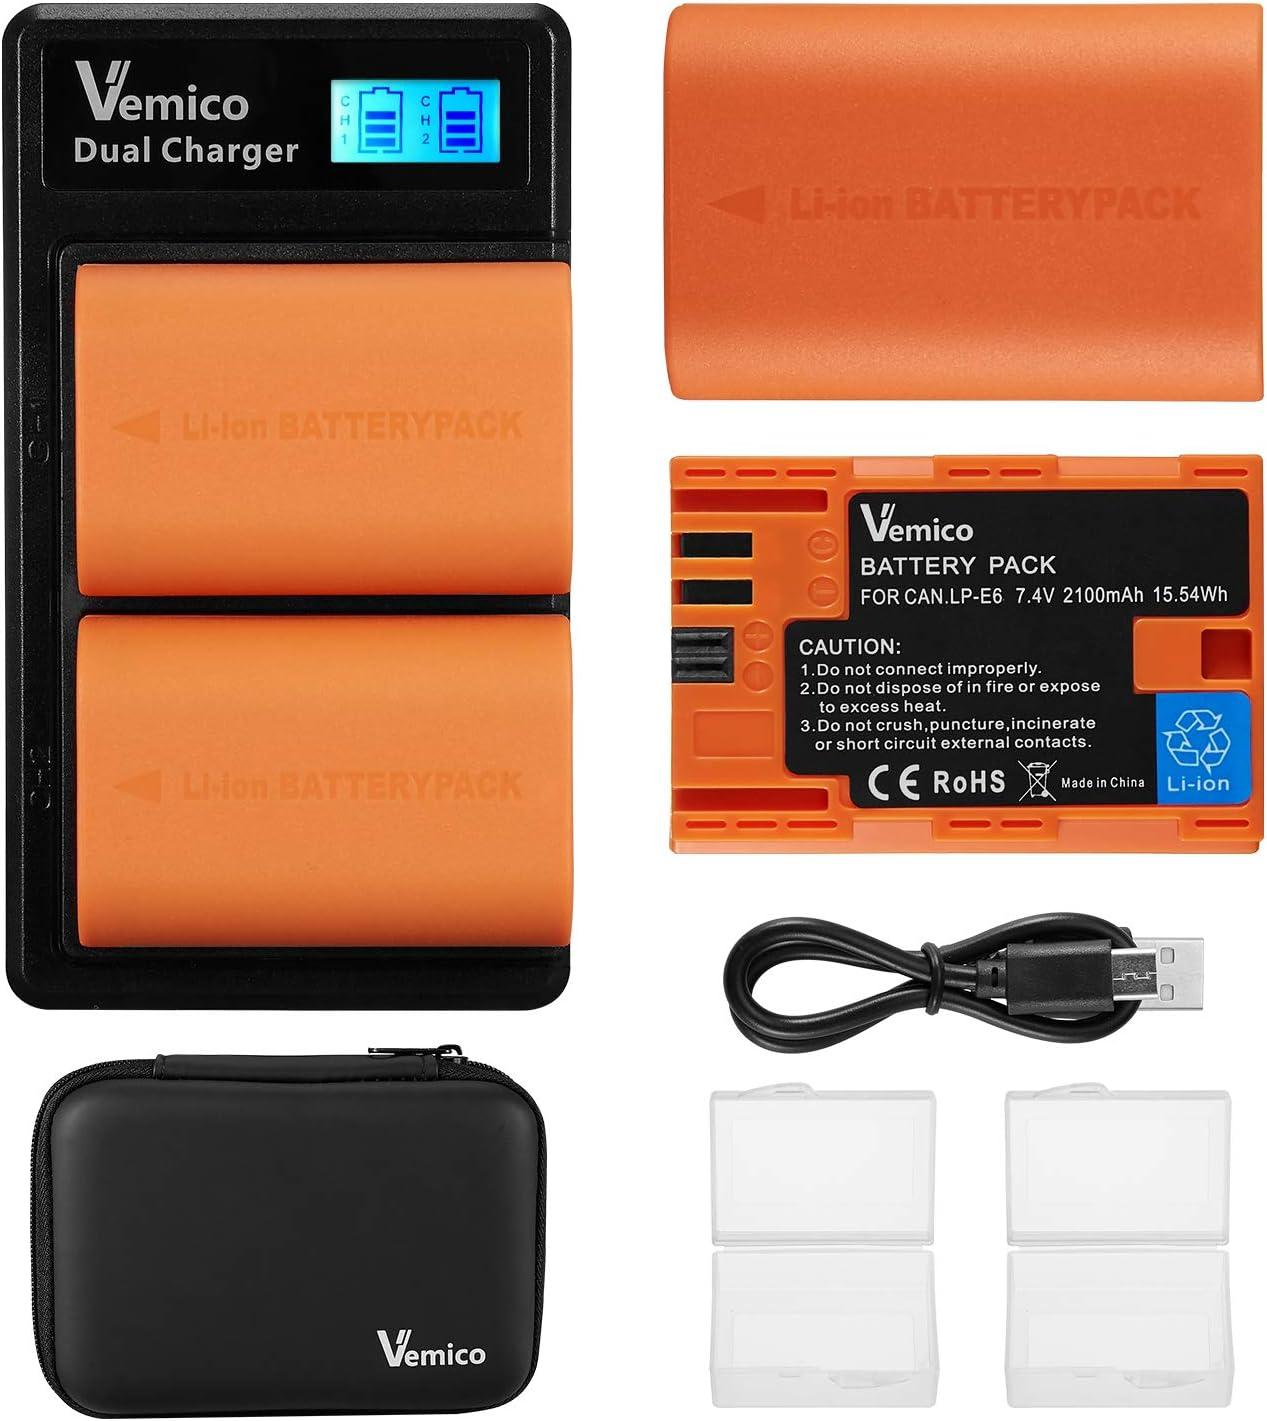 Zubeh/örtasche+Batterie Schutzbox Vemico LP-E6N LP-E6 Akku Ladeger/ät Kit f/ür EOS 7D Mark II//5D Mark IV//5D Mark III//70D//5DS//5DS R//5D Mark II//6D//7D//80D//60D 2-Pack 2100mAh Akku Ladeset